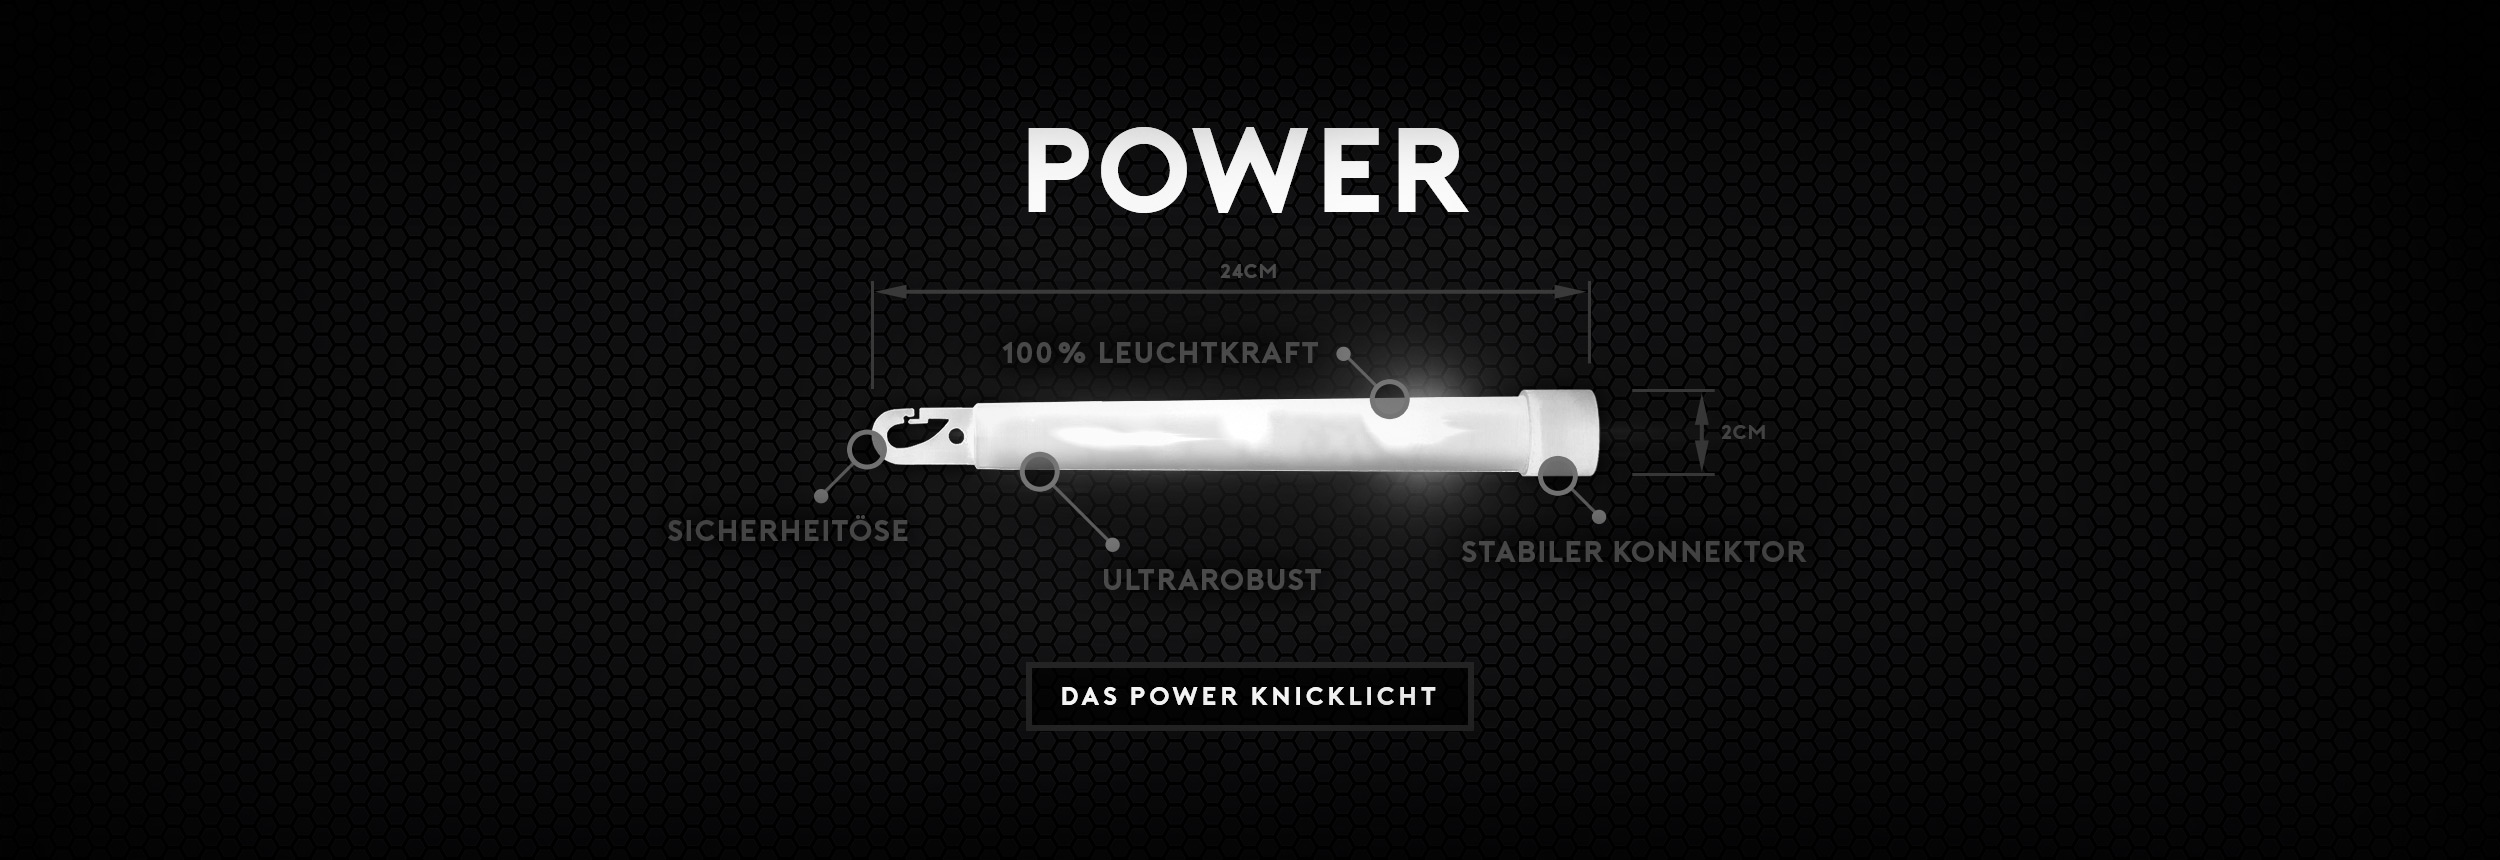 Power Knicklichter